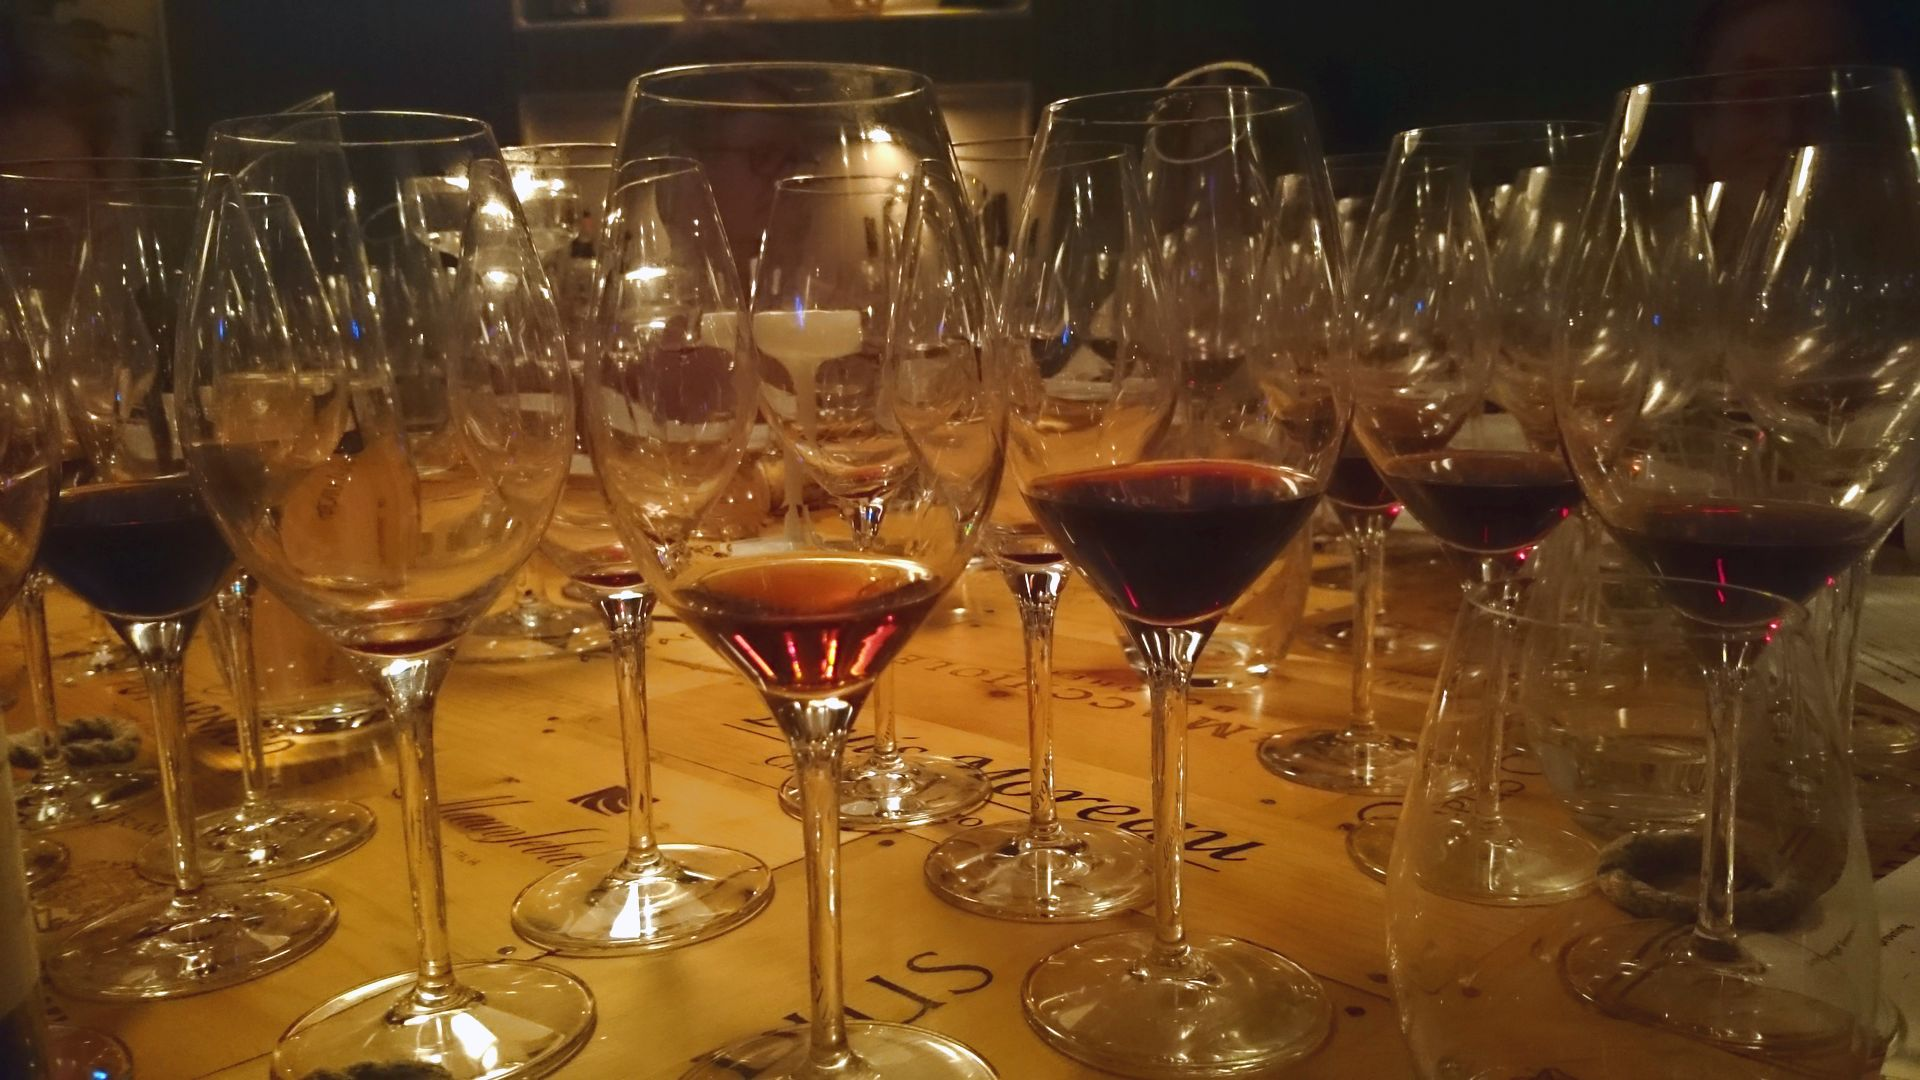 Hallbus Vinkurser